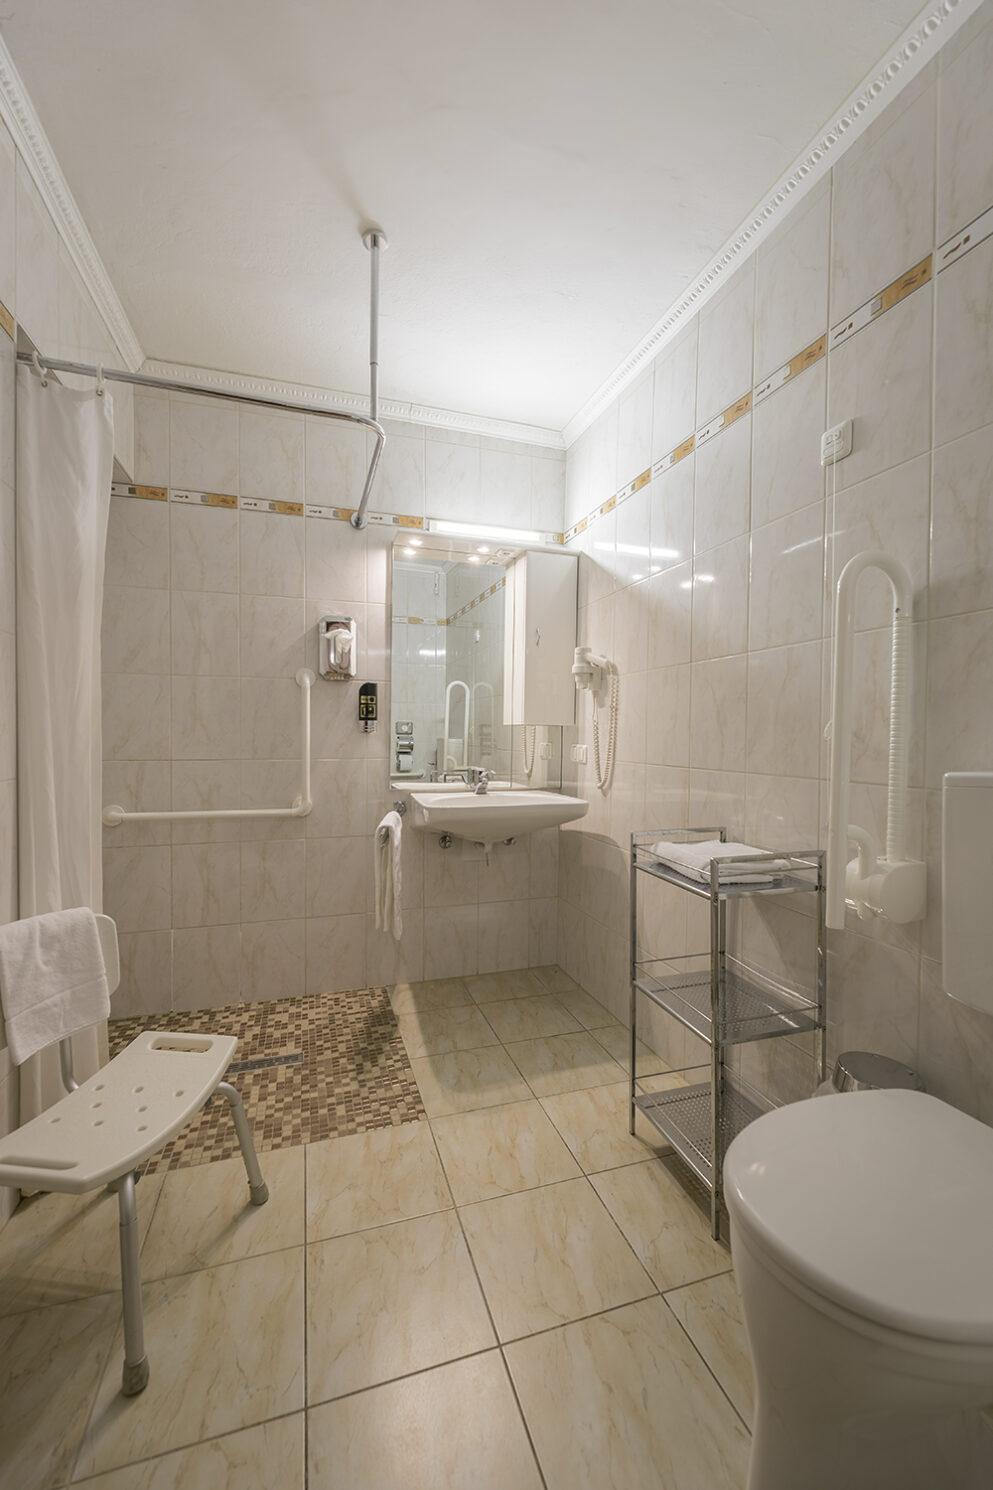 Hotel Ariell – Doppelzimmer barierefrei